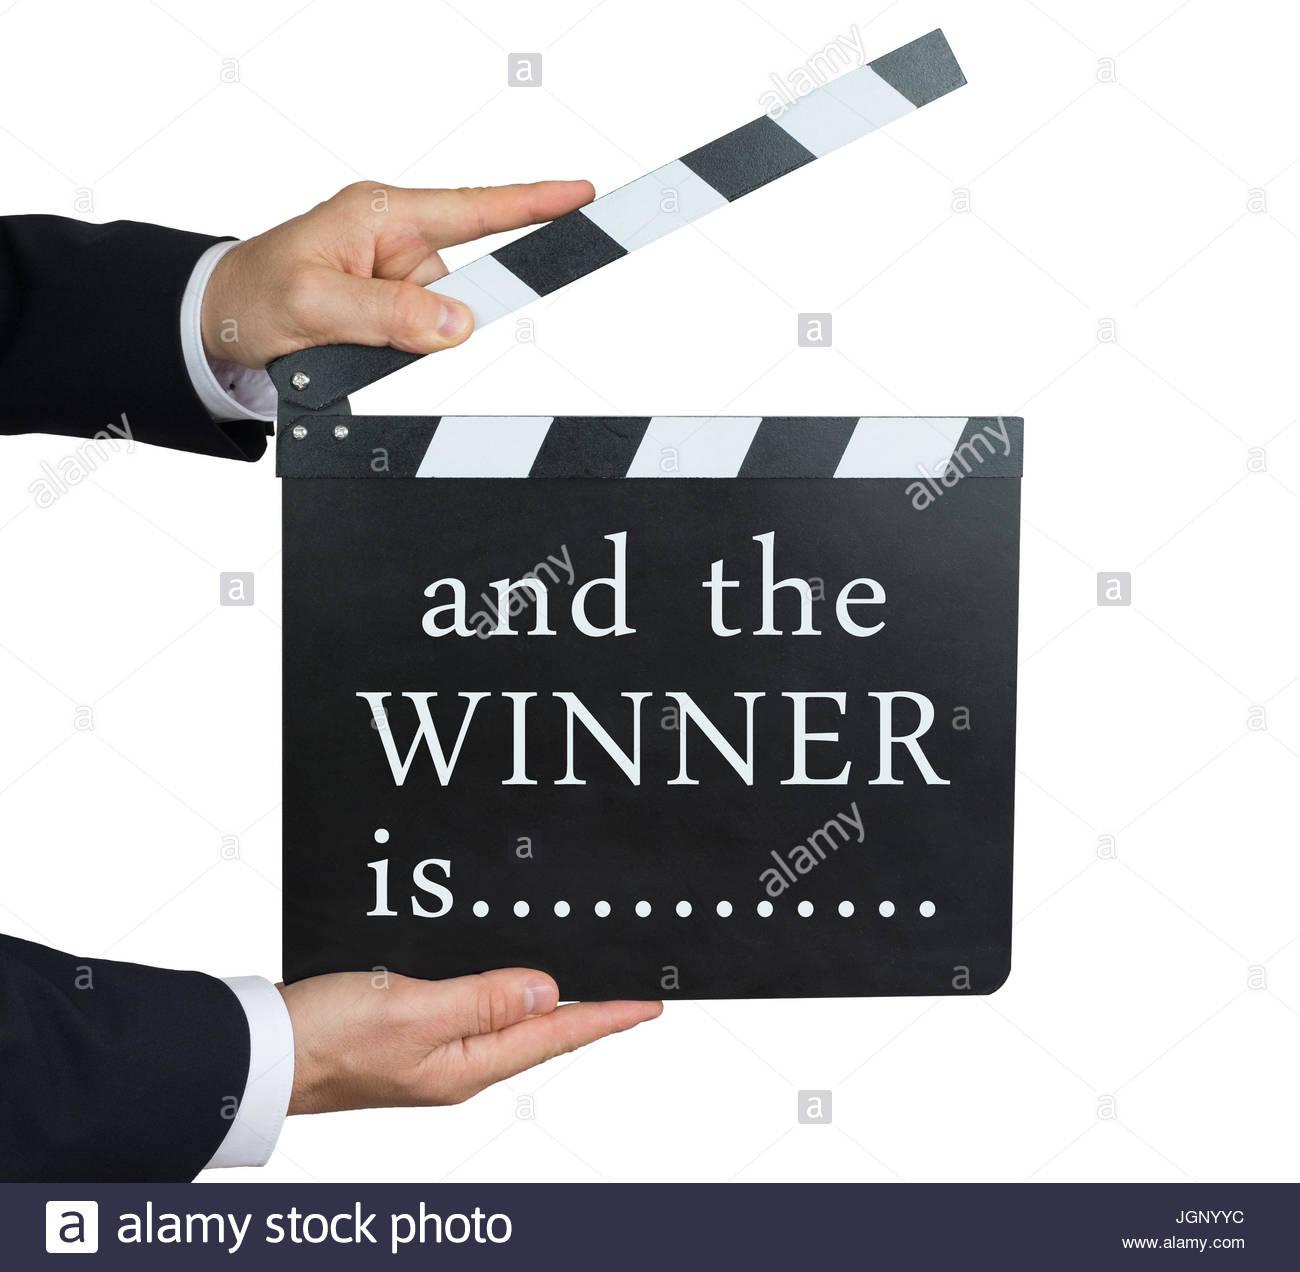 und der Gewinner ist - auf eine Klappe geschrieben Stockbild